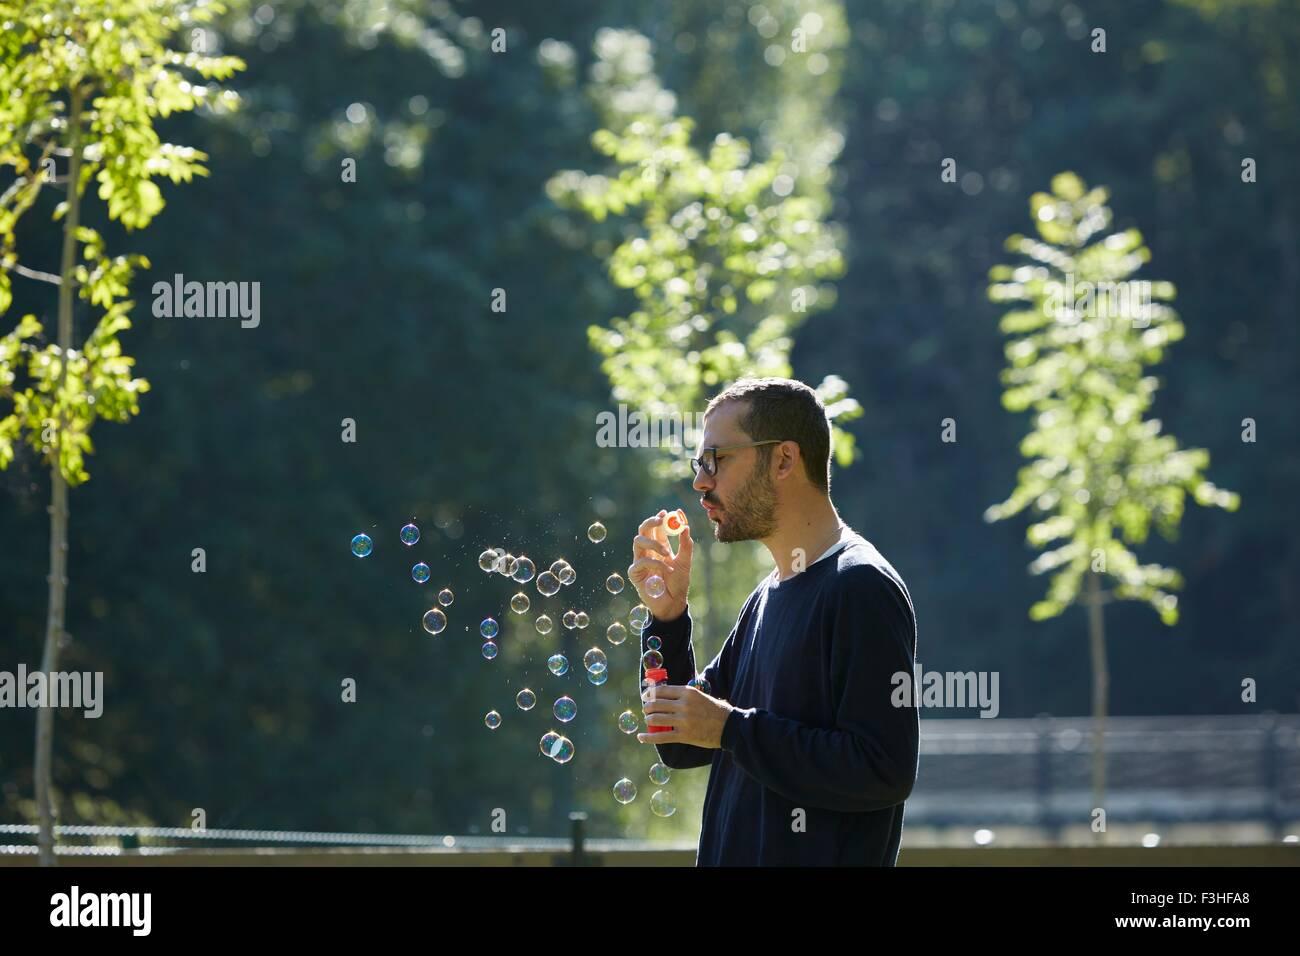 Man blowing bubbles, Valle de Aran, Spain - Stock Image